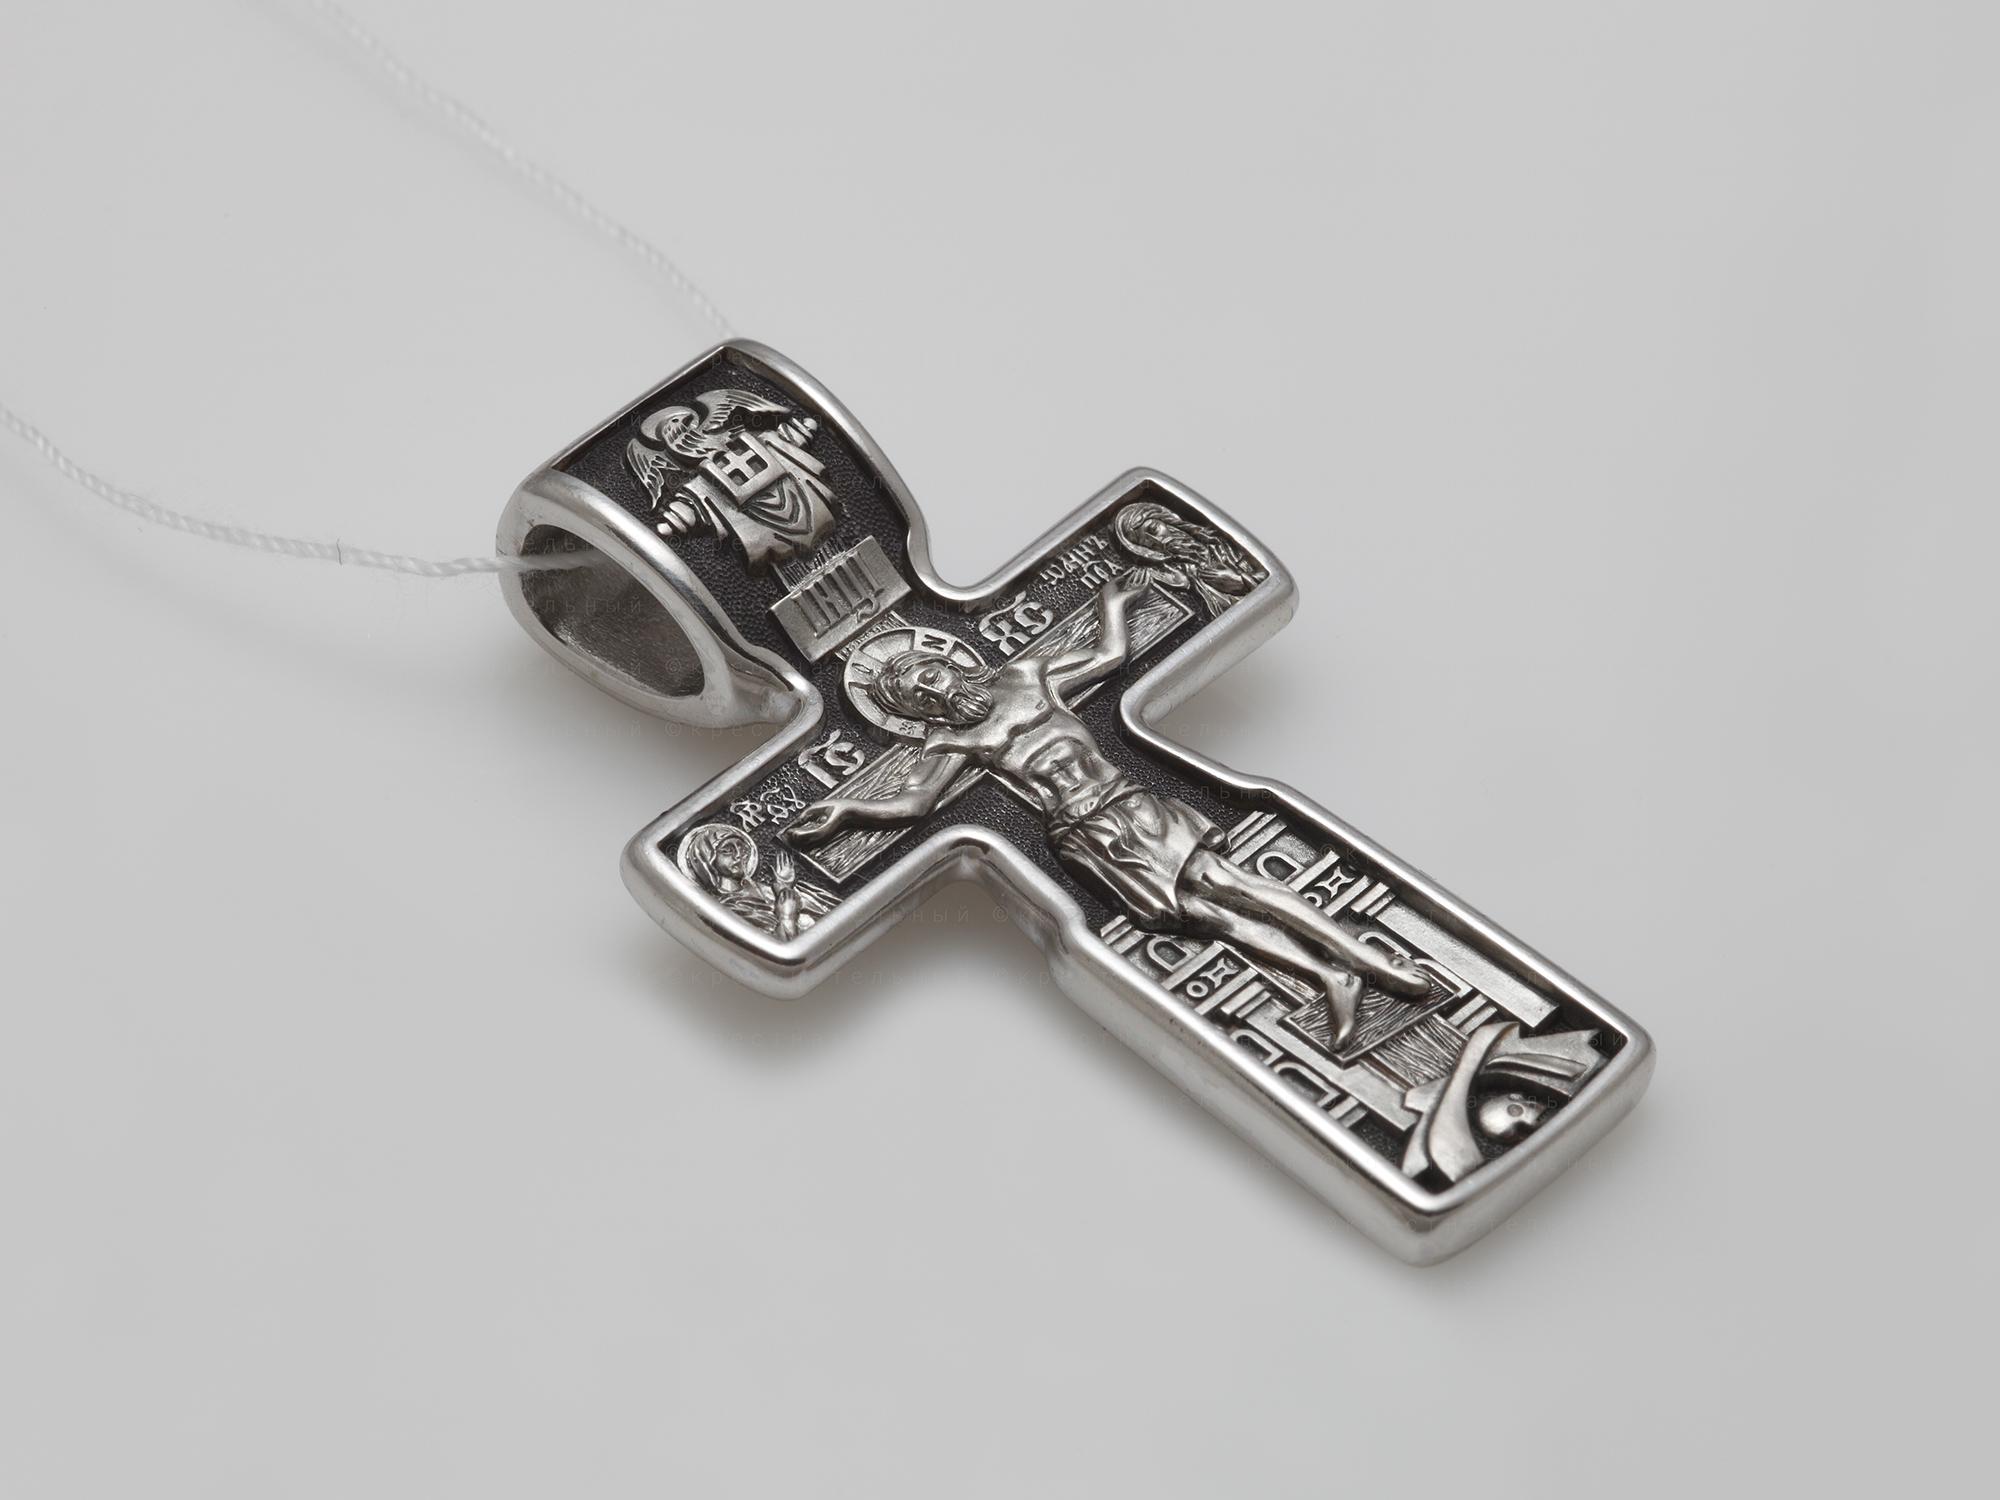 38222. Распятие Христово. Николай Чудотворец. Три Святителя. Православный крест.